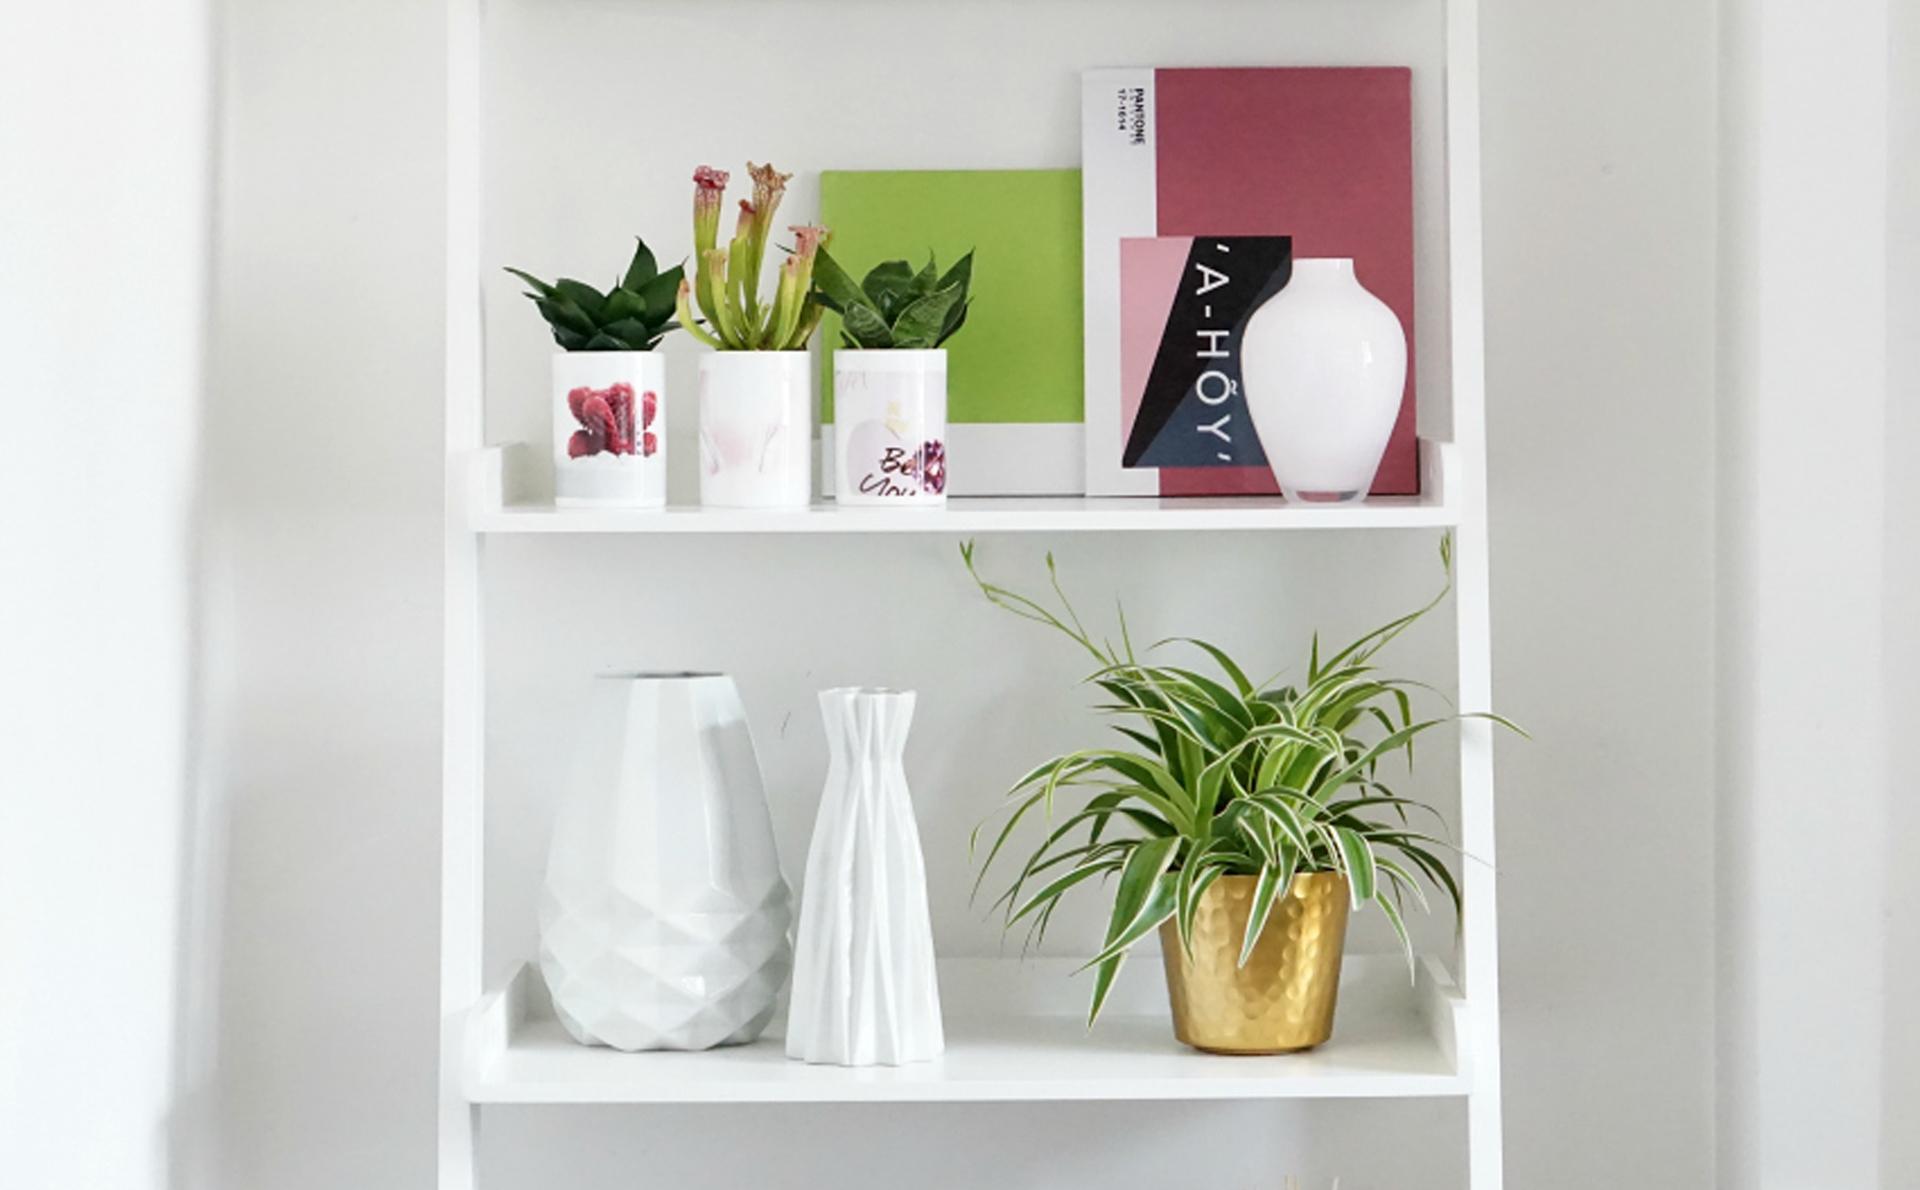 Tendance Shelfie étagère blanche avec plantes grasses et tasses porcelaine